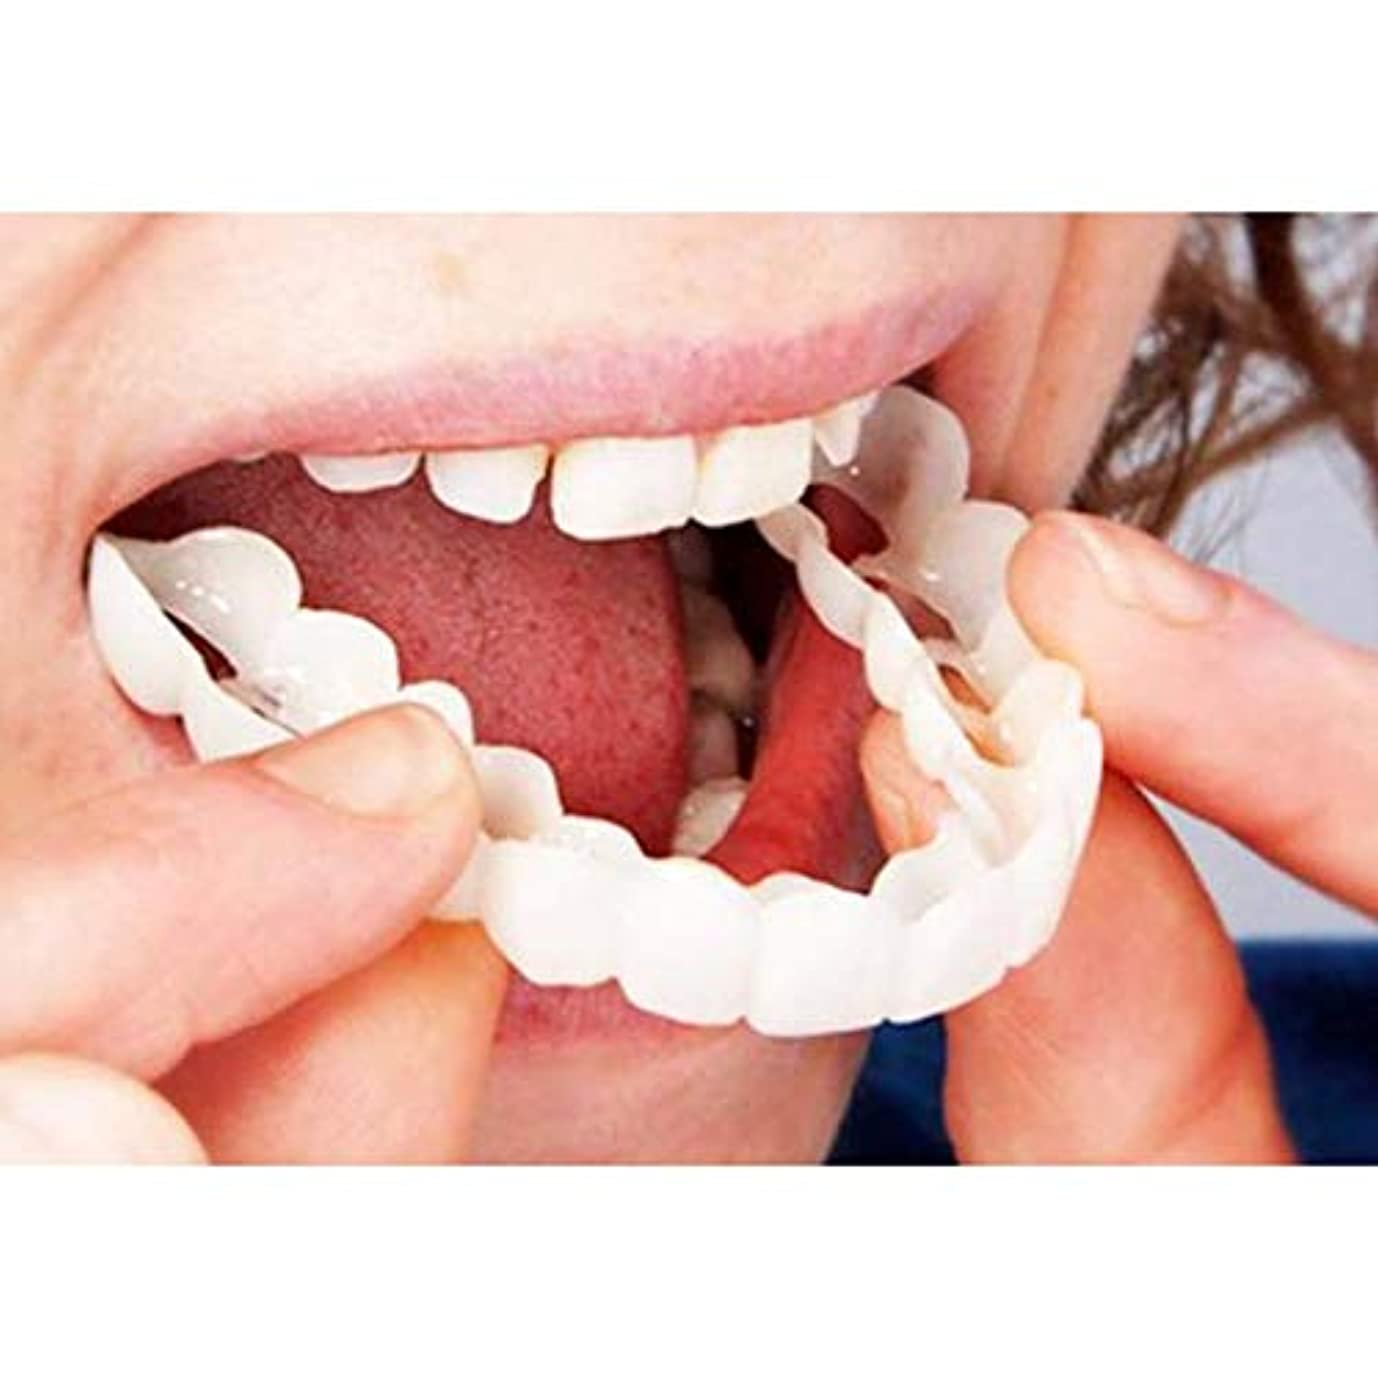 十億適切な一致化粧品の歯、5個スナップインスタントスマイルアッパーベニアコンフォートフィットフレックス化粧品の歯ワンサイズフィット最も快適な義歯